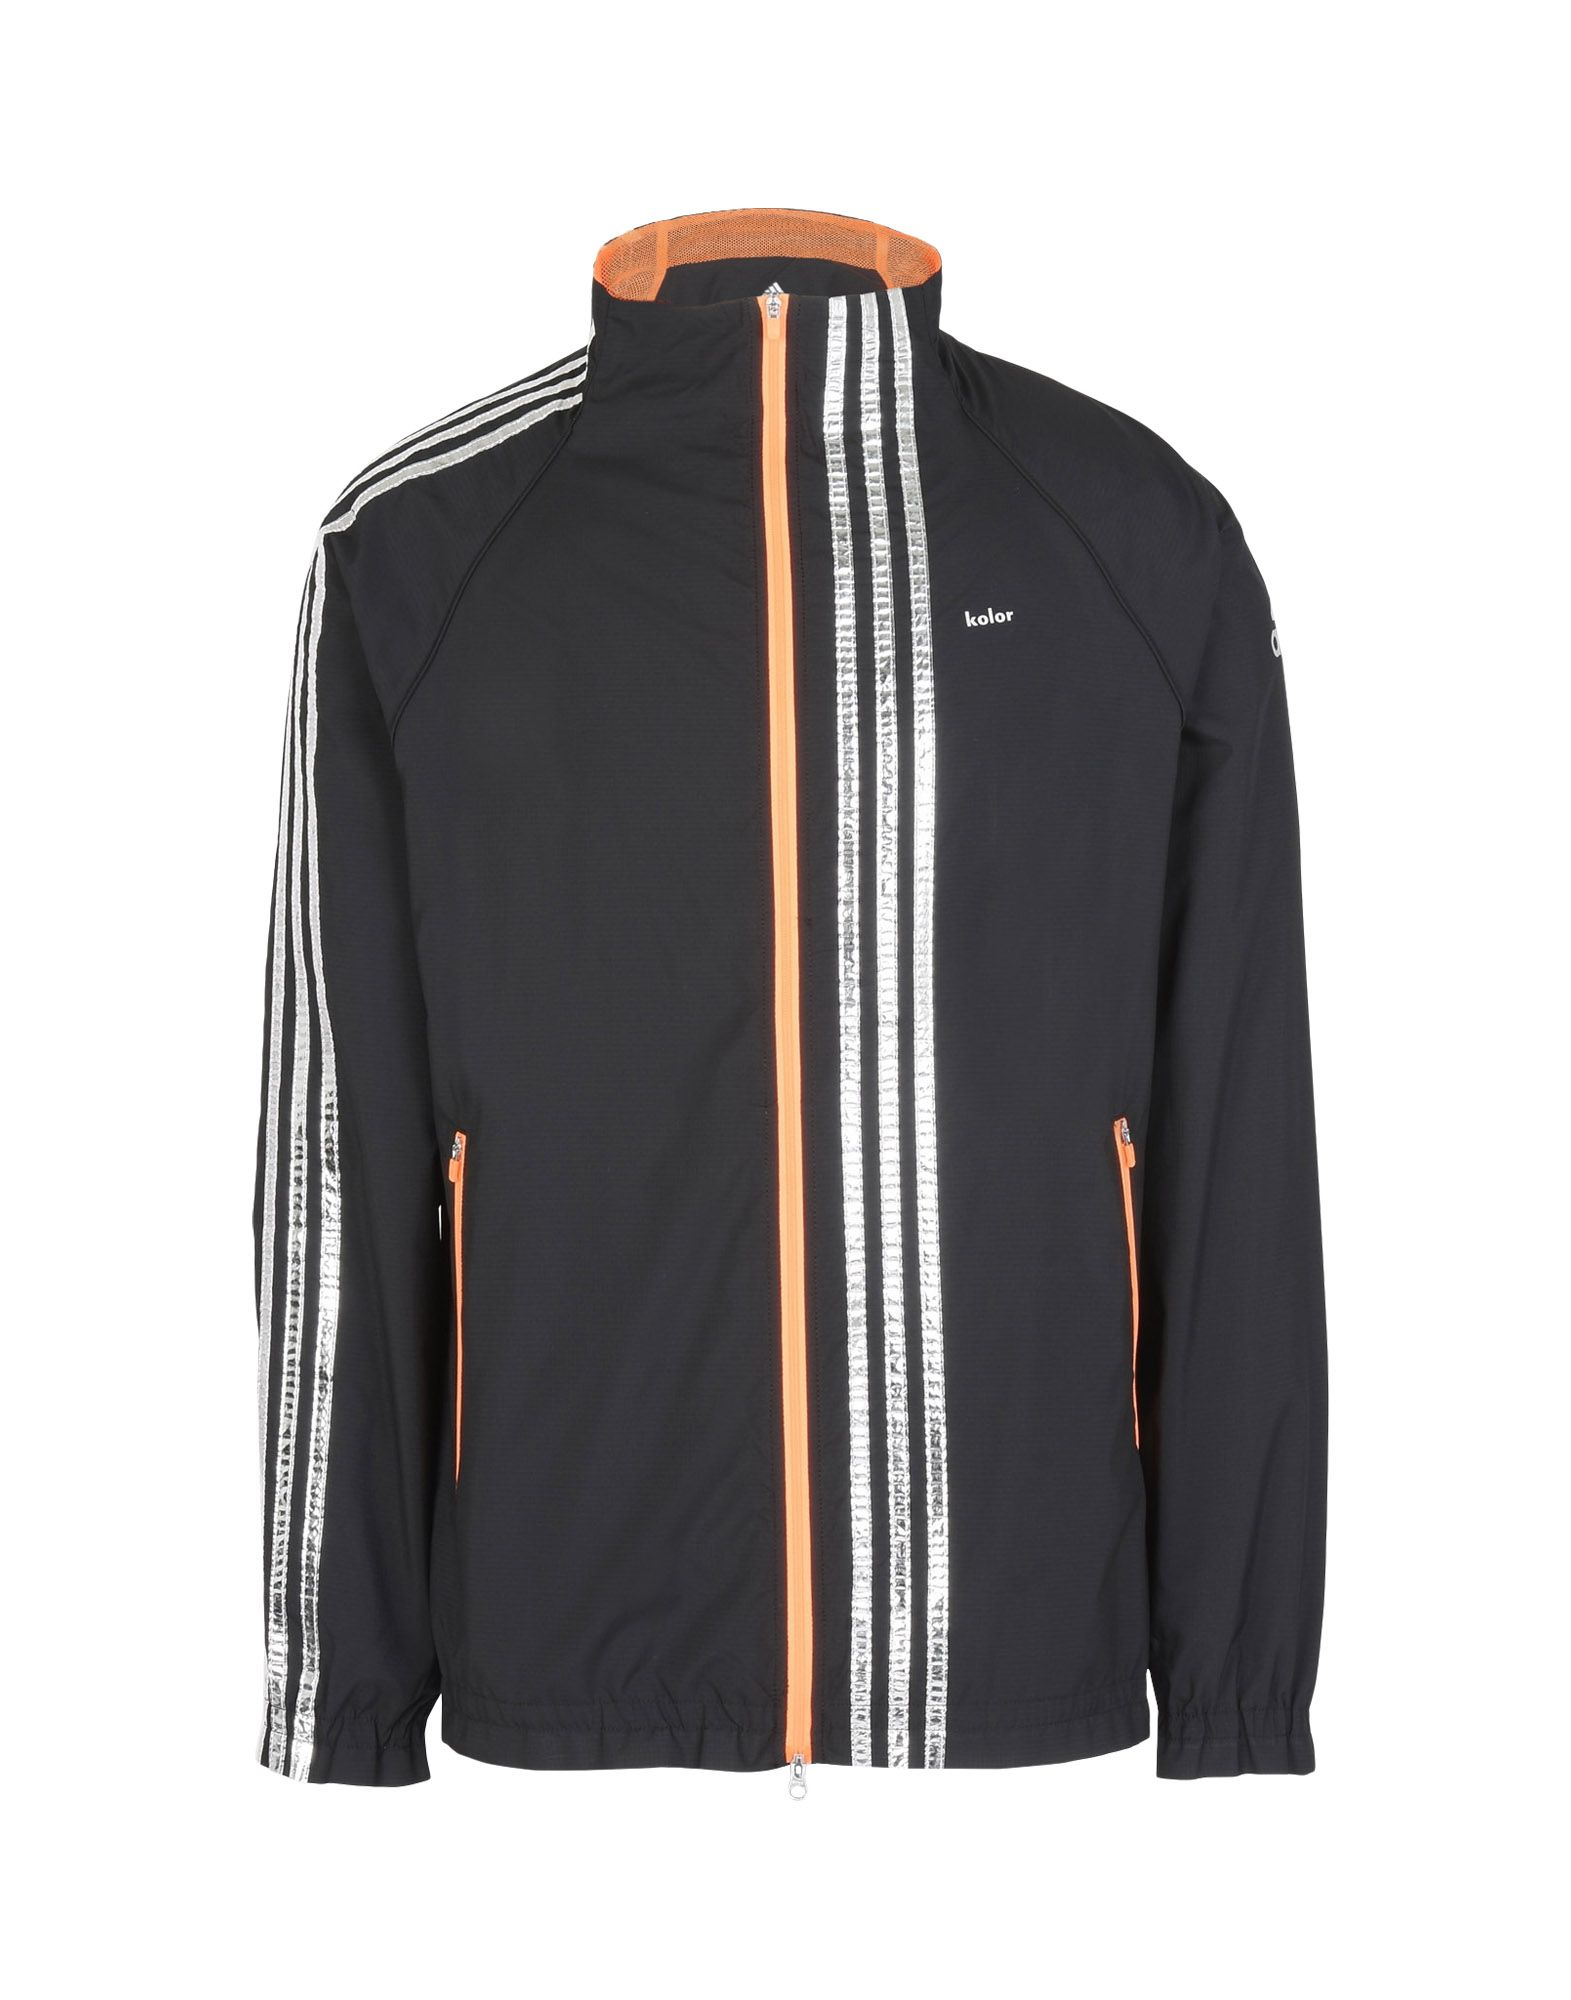 kolor Track Jacket COATS & JACKETS man Y 3 adidas